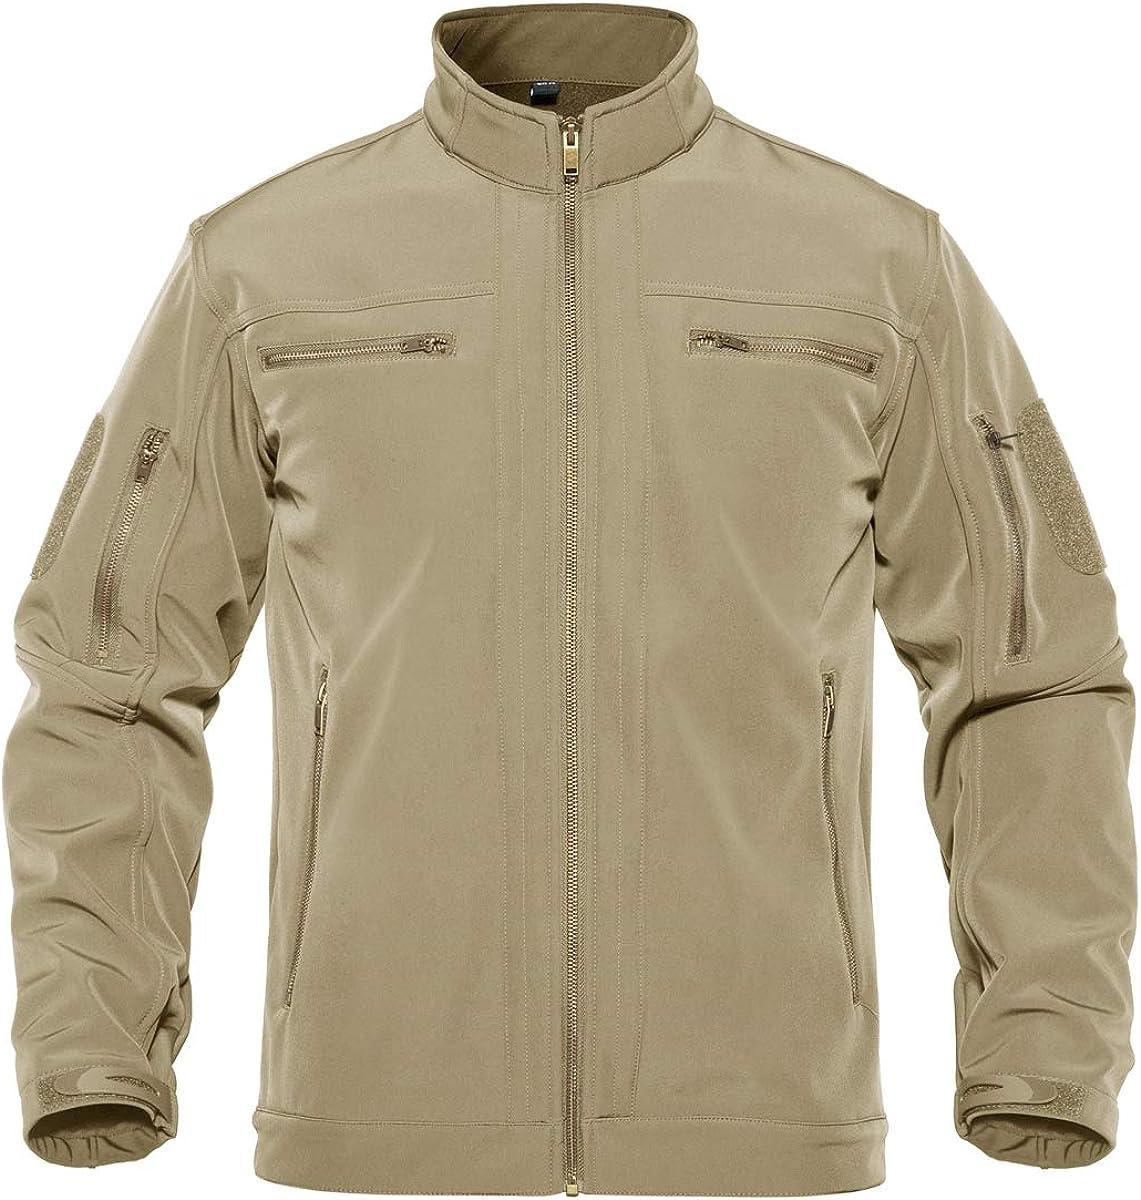 TACVASEN Men's Tactical Jacket Stand Collar Water Resistant Softshell Fleece Liner Jacket Coat with 6 Zipper Pockets